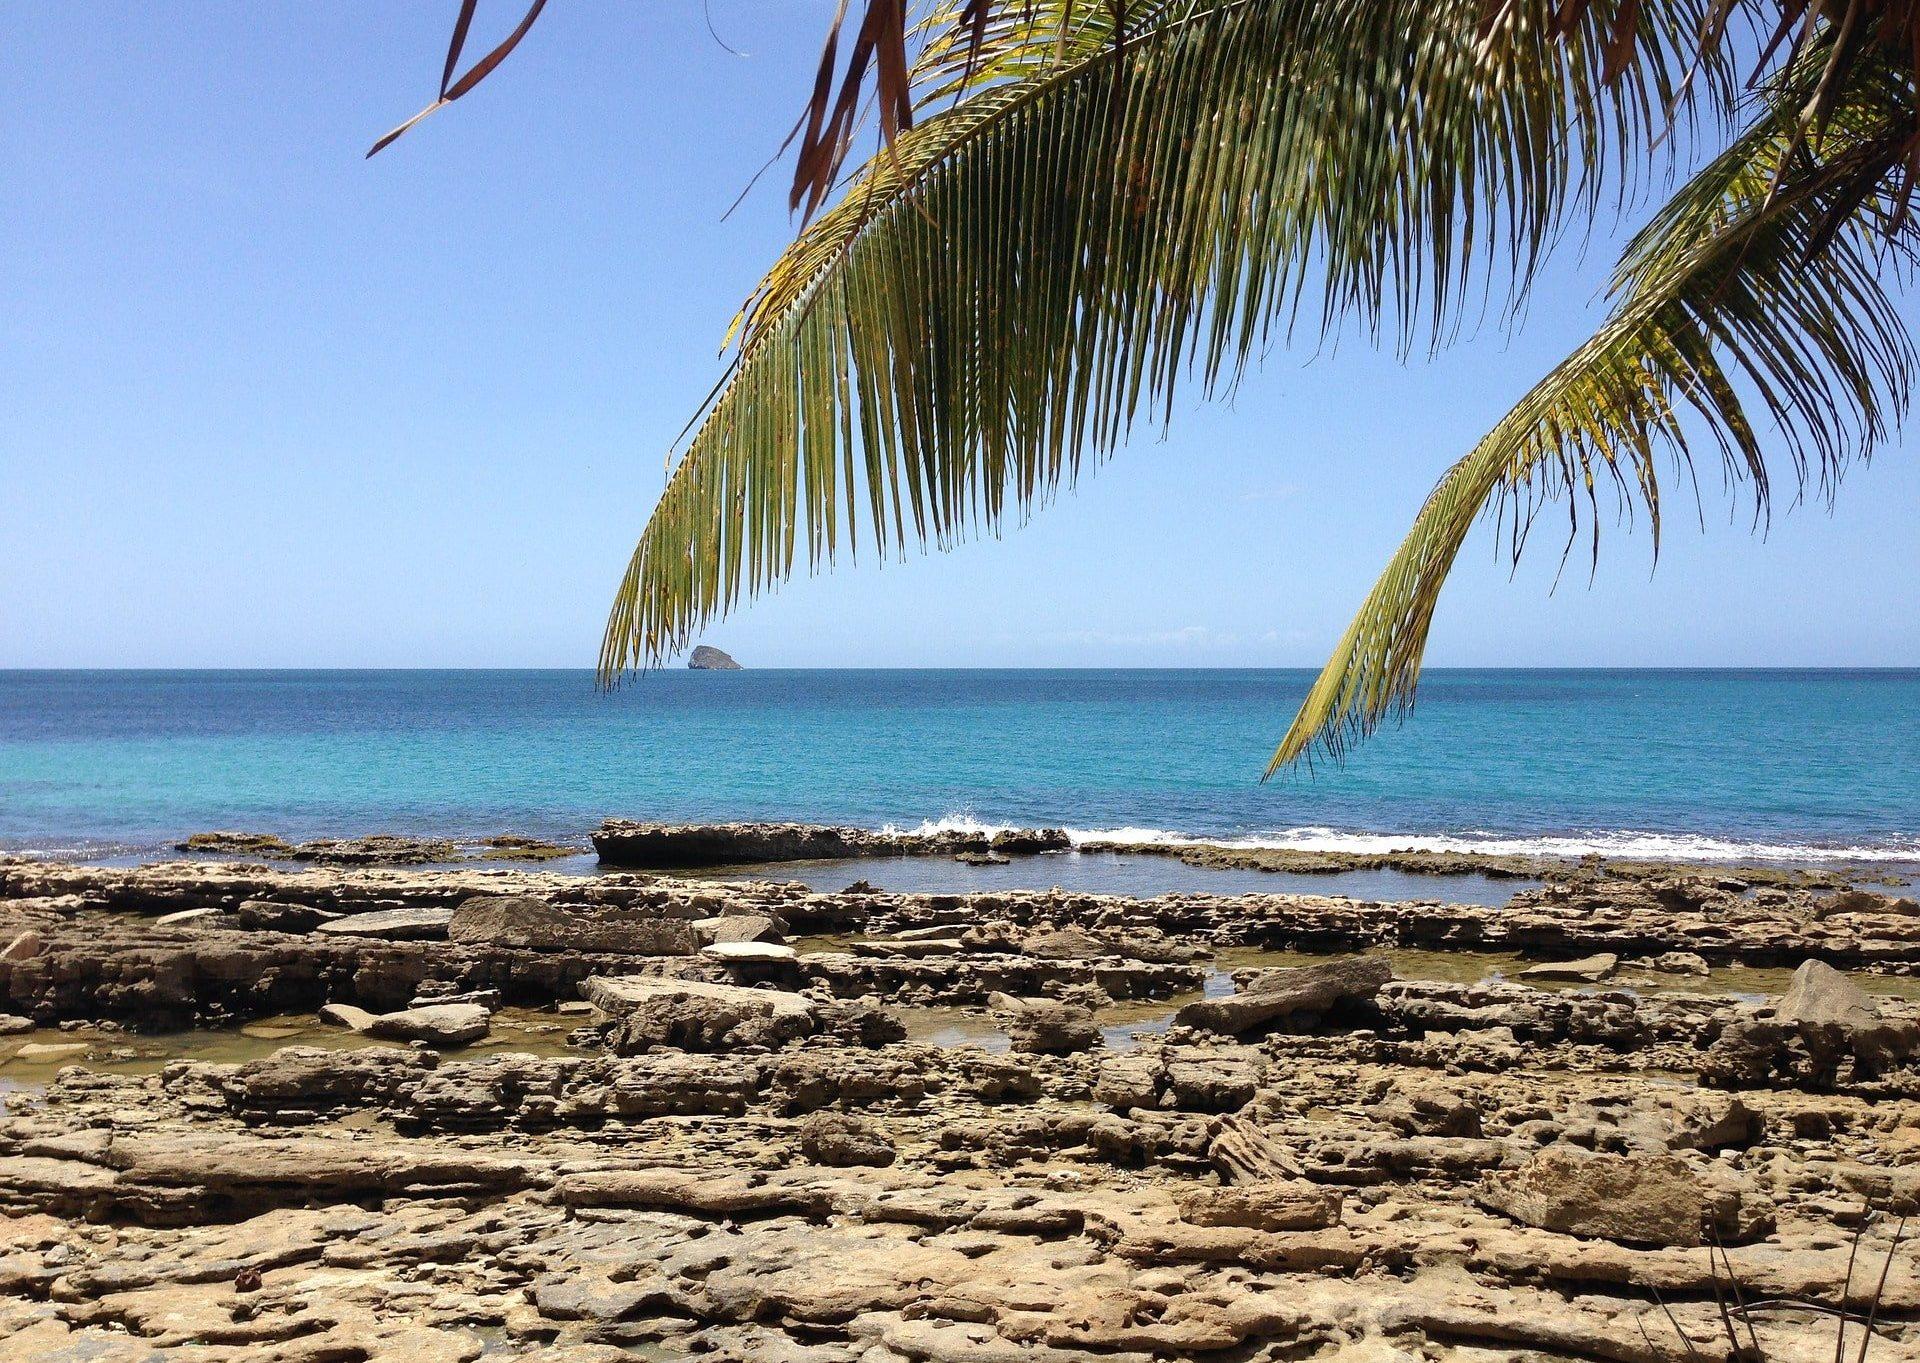 palmier sur la plage vue mer guadeloupe